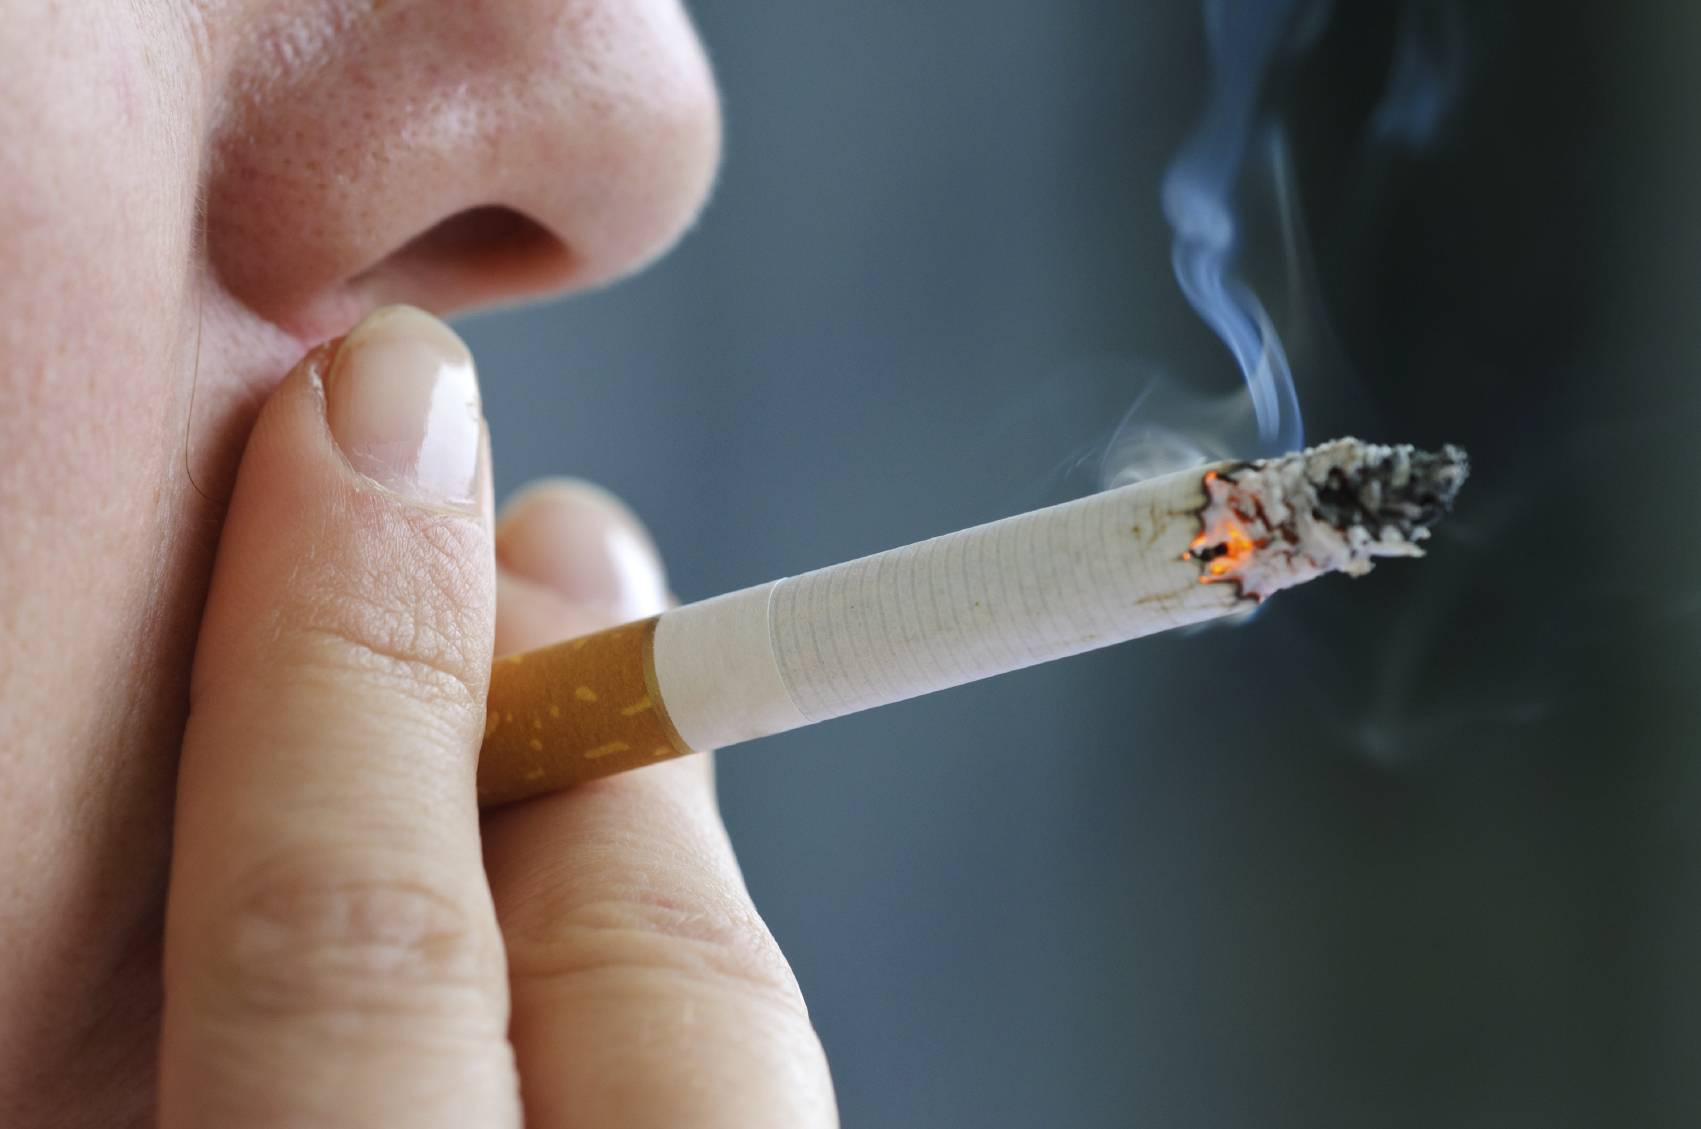 Le tabac tue 7 millions de personnes chaque année